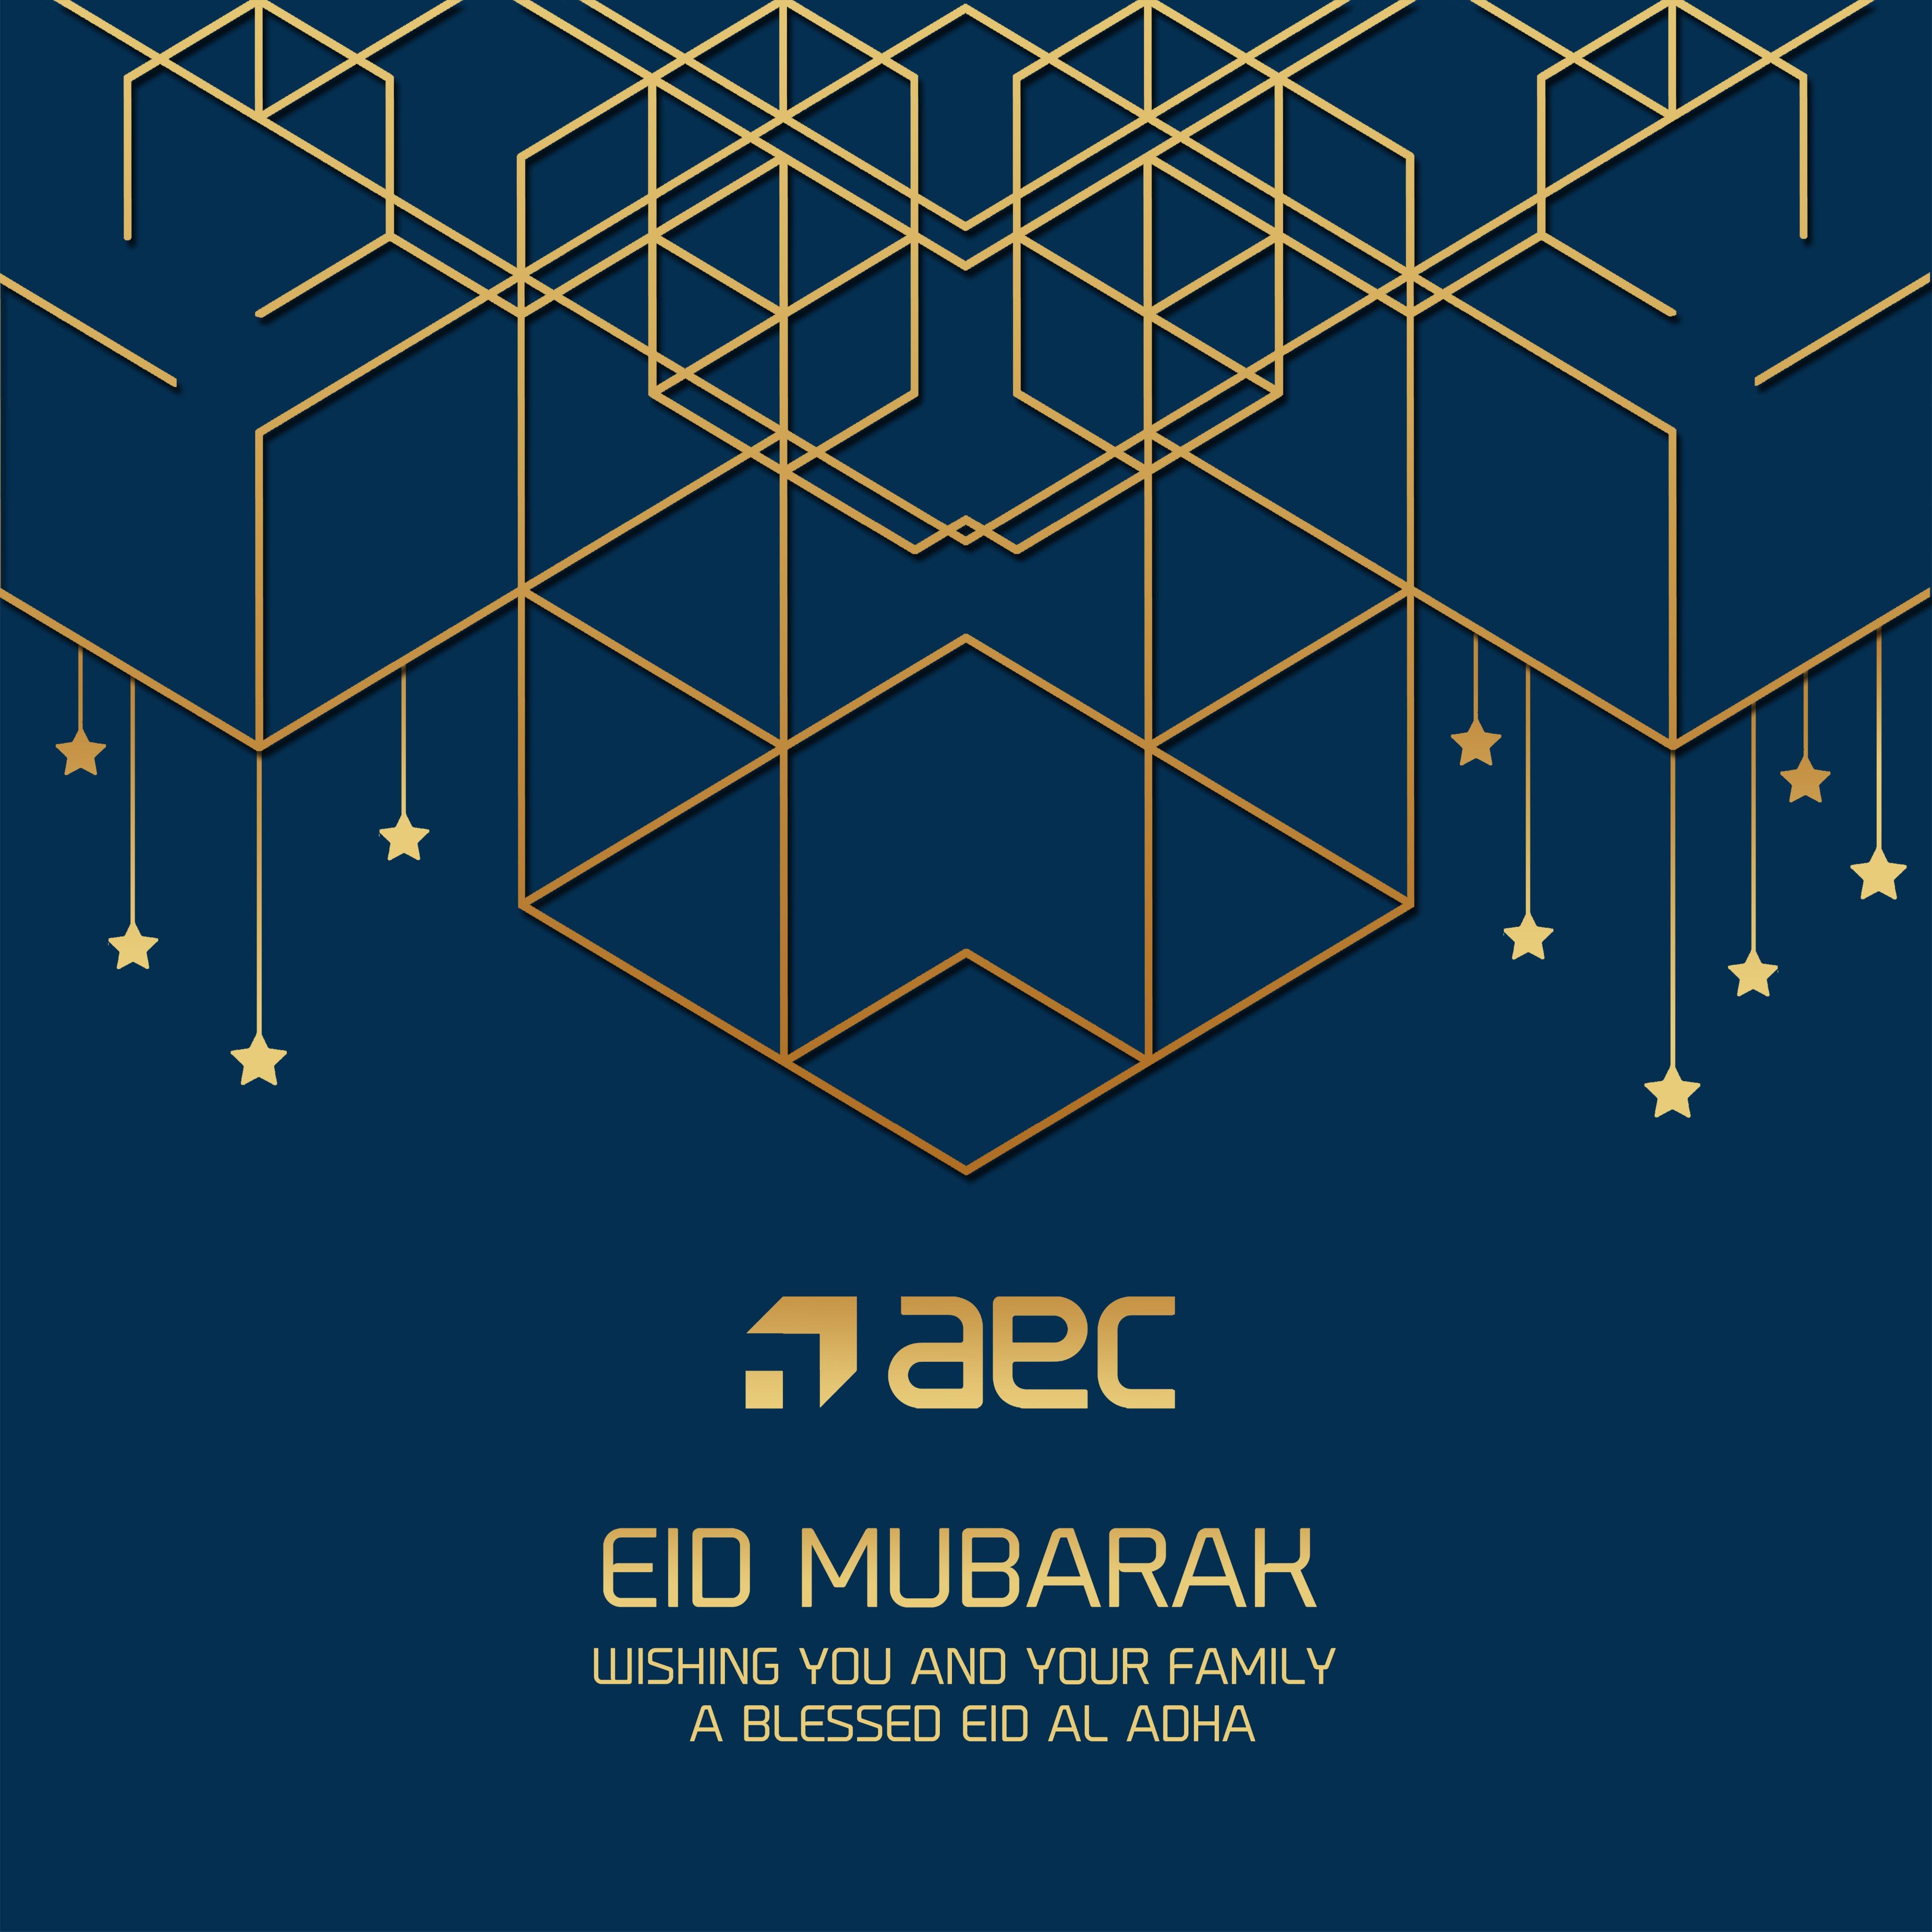 AEC wishes you a HAPPY EID MUBARAK